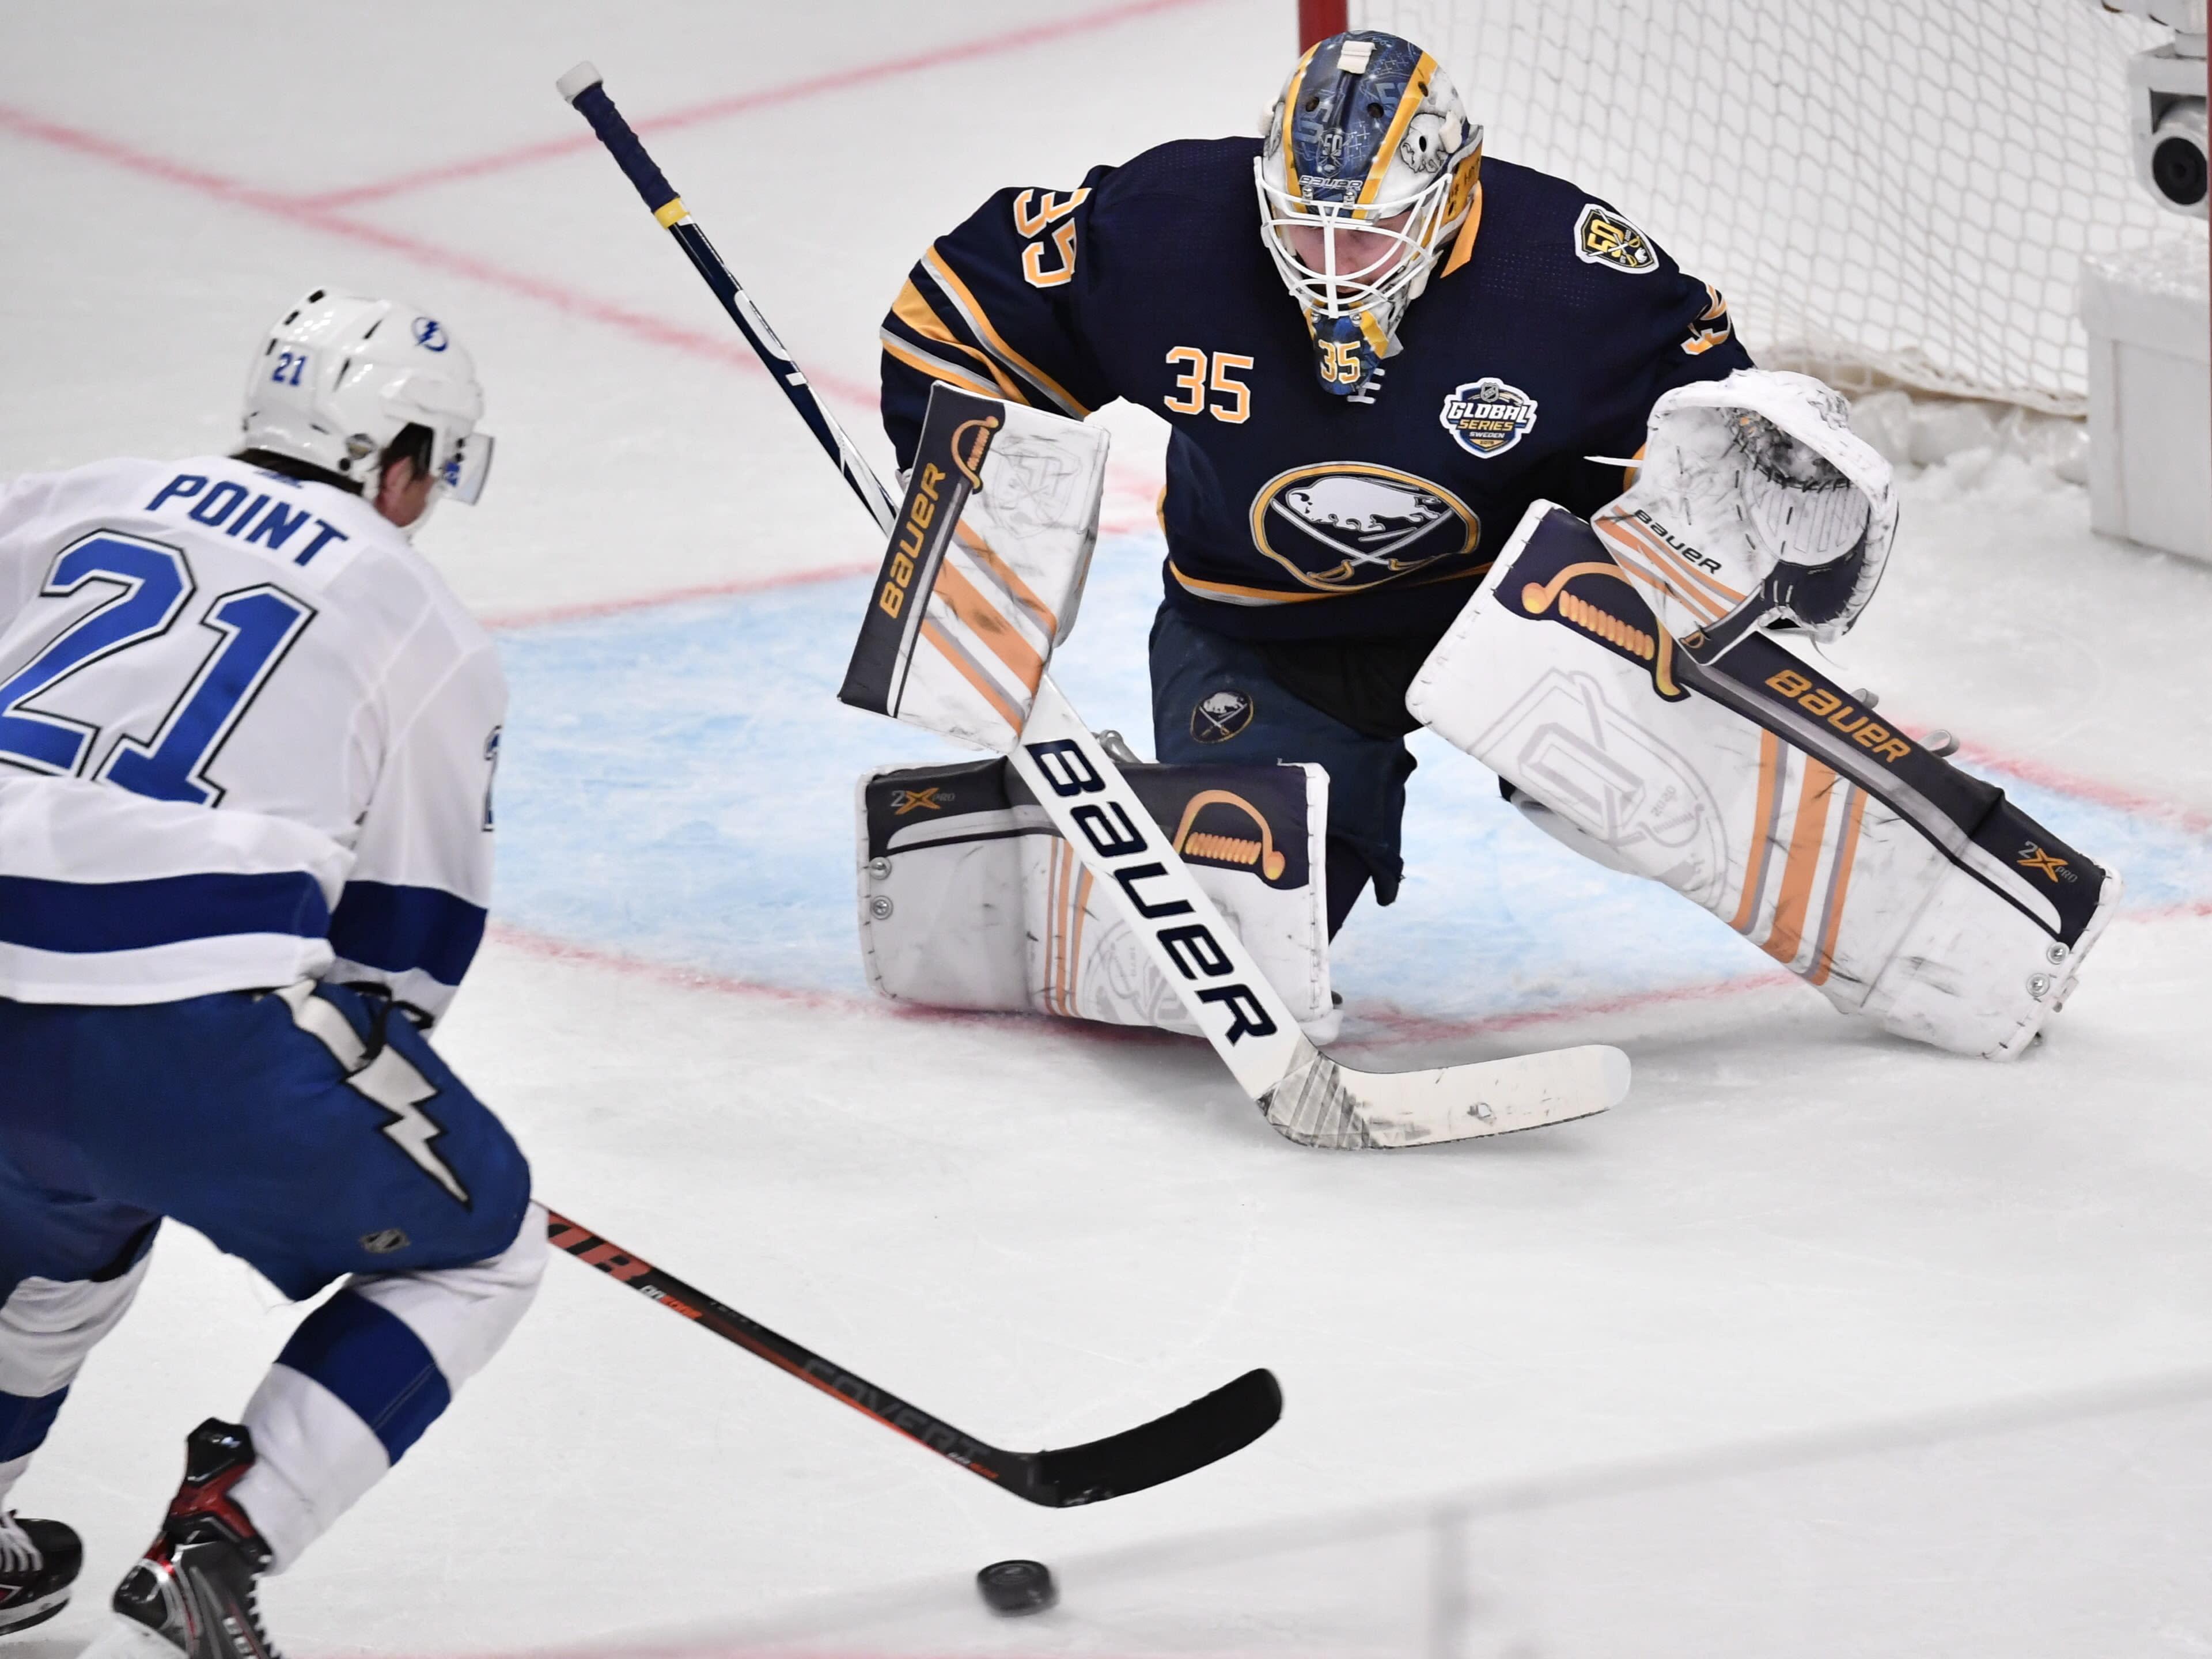 Tampa Bay Lightning Brayden Point (21) take a shot as Buffalo Sabres' goalie Linus Ullman defends during an NHL hockey game in Globen Arena, Stockholm Sweden. Friday. Nov. 8, 2019. (Anders Wiklund/TT via AP)